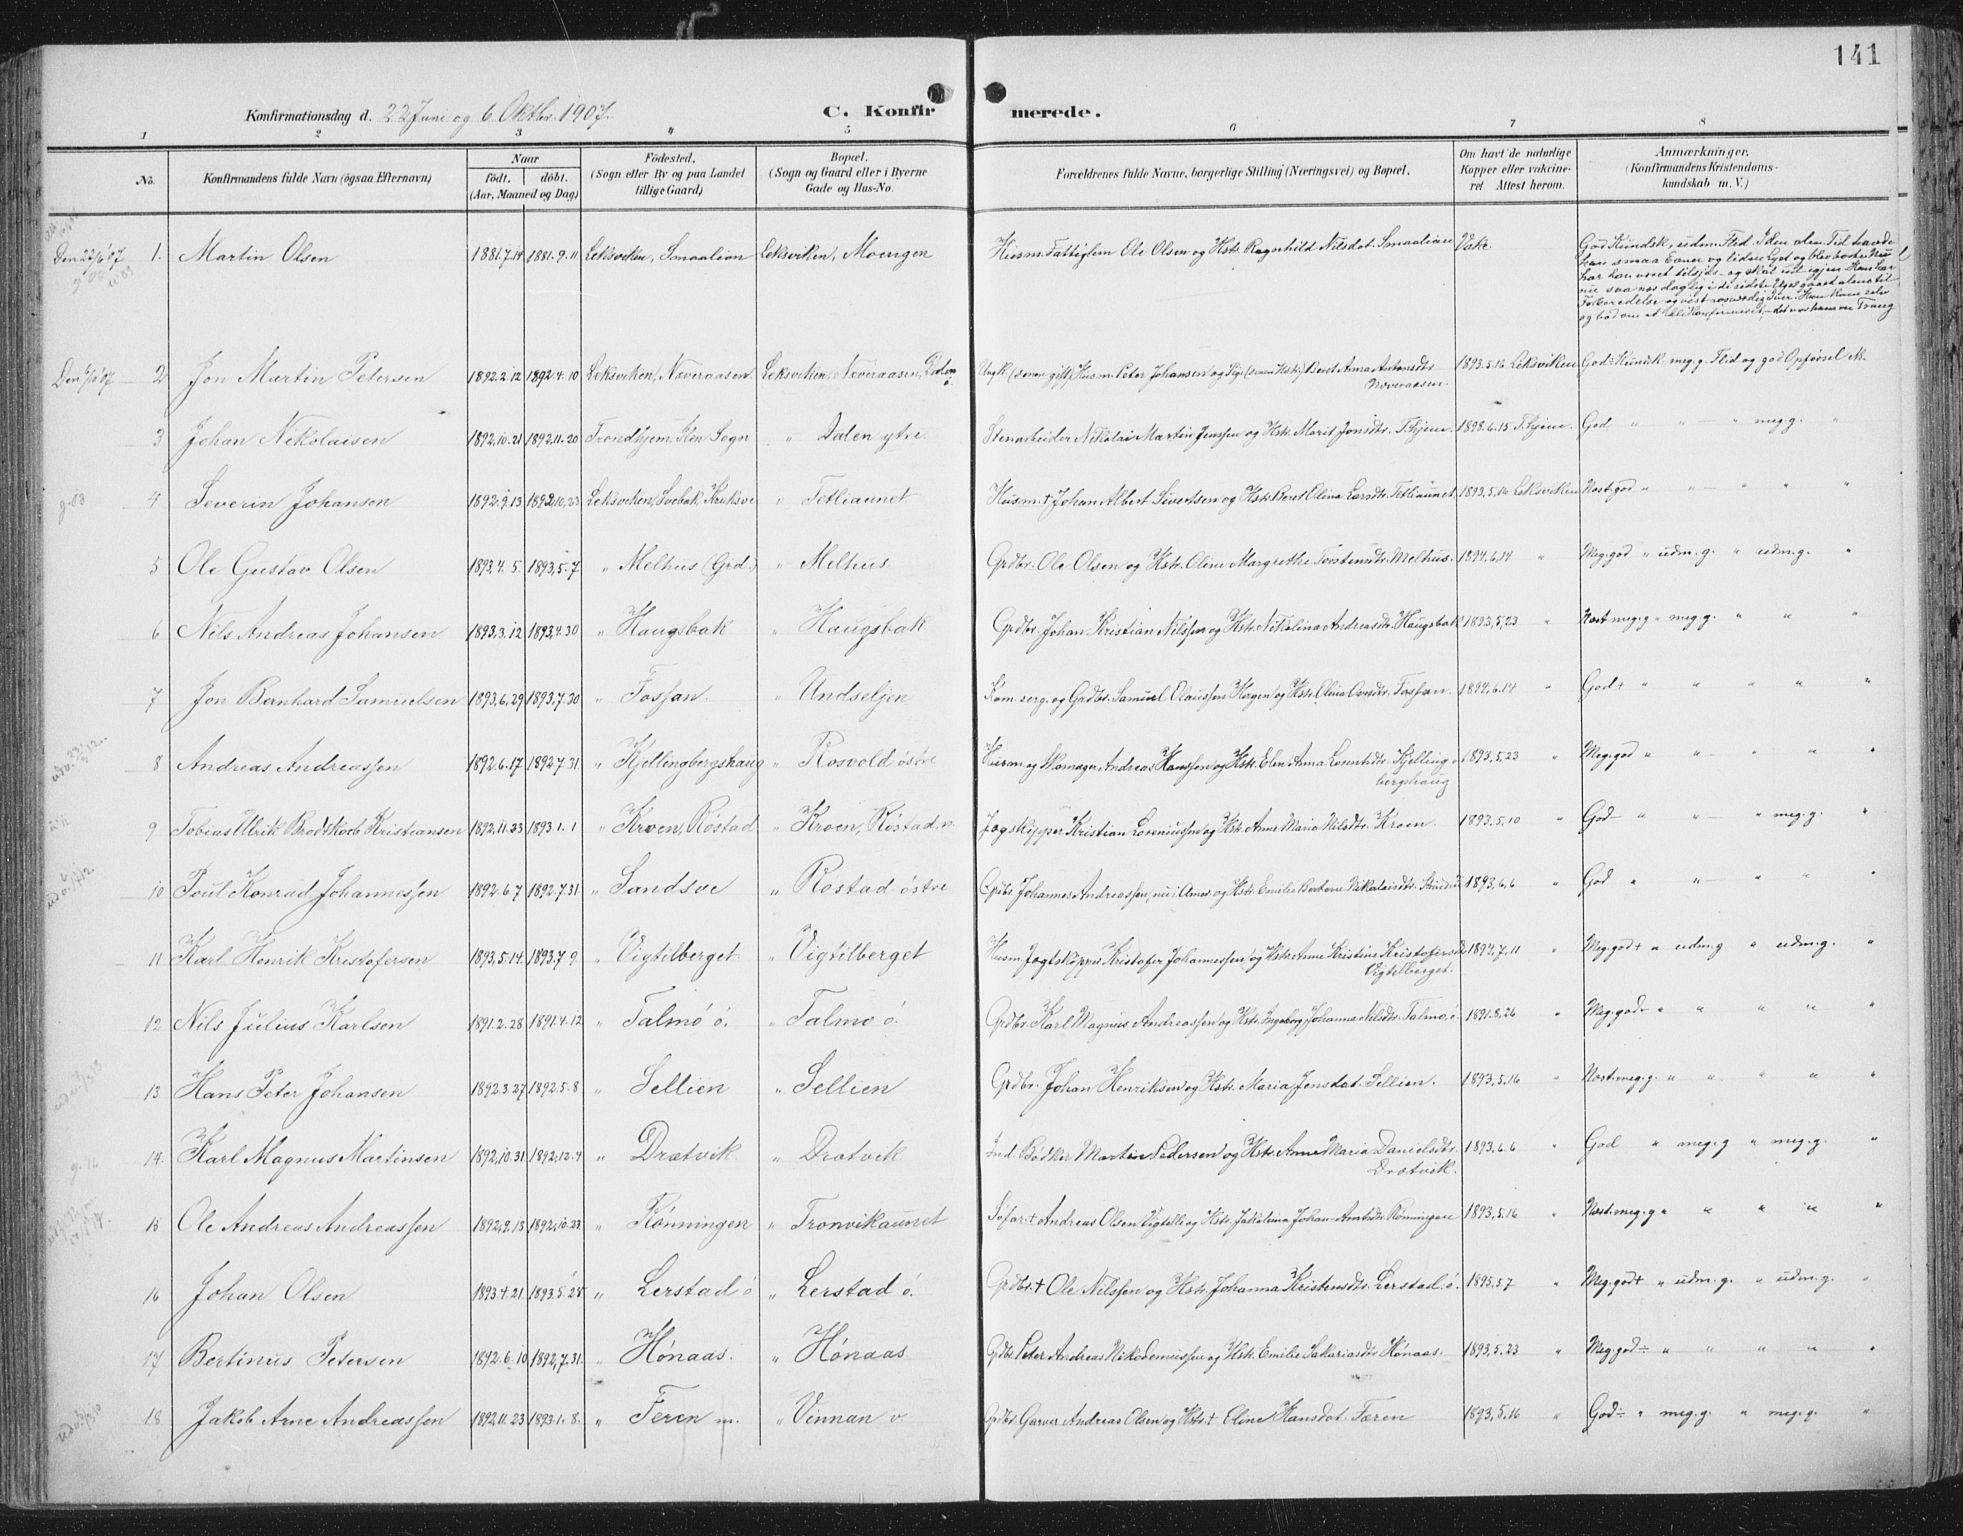 SAT, Ministerialprotokoller, klokkerbøker og fødselsregistre - Nord-Trøndelag, 701/L0011: Ministerialbok nr. 701A11, 1899-1915, s. 141